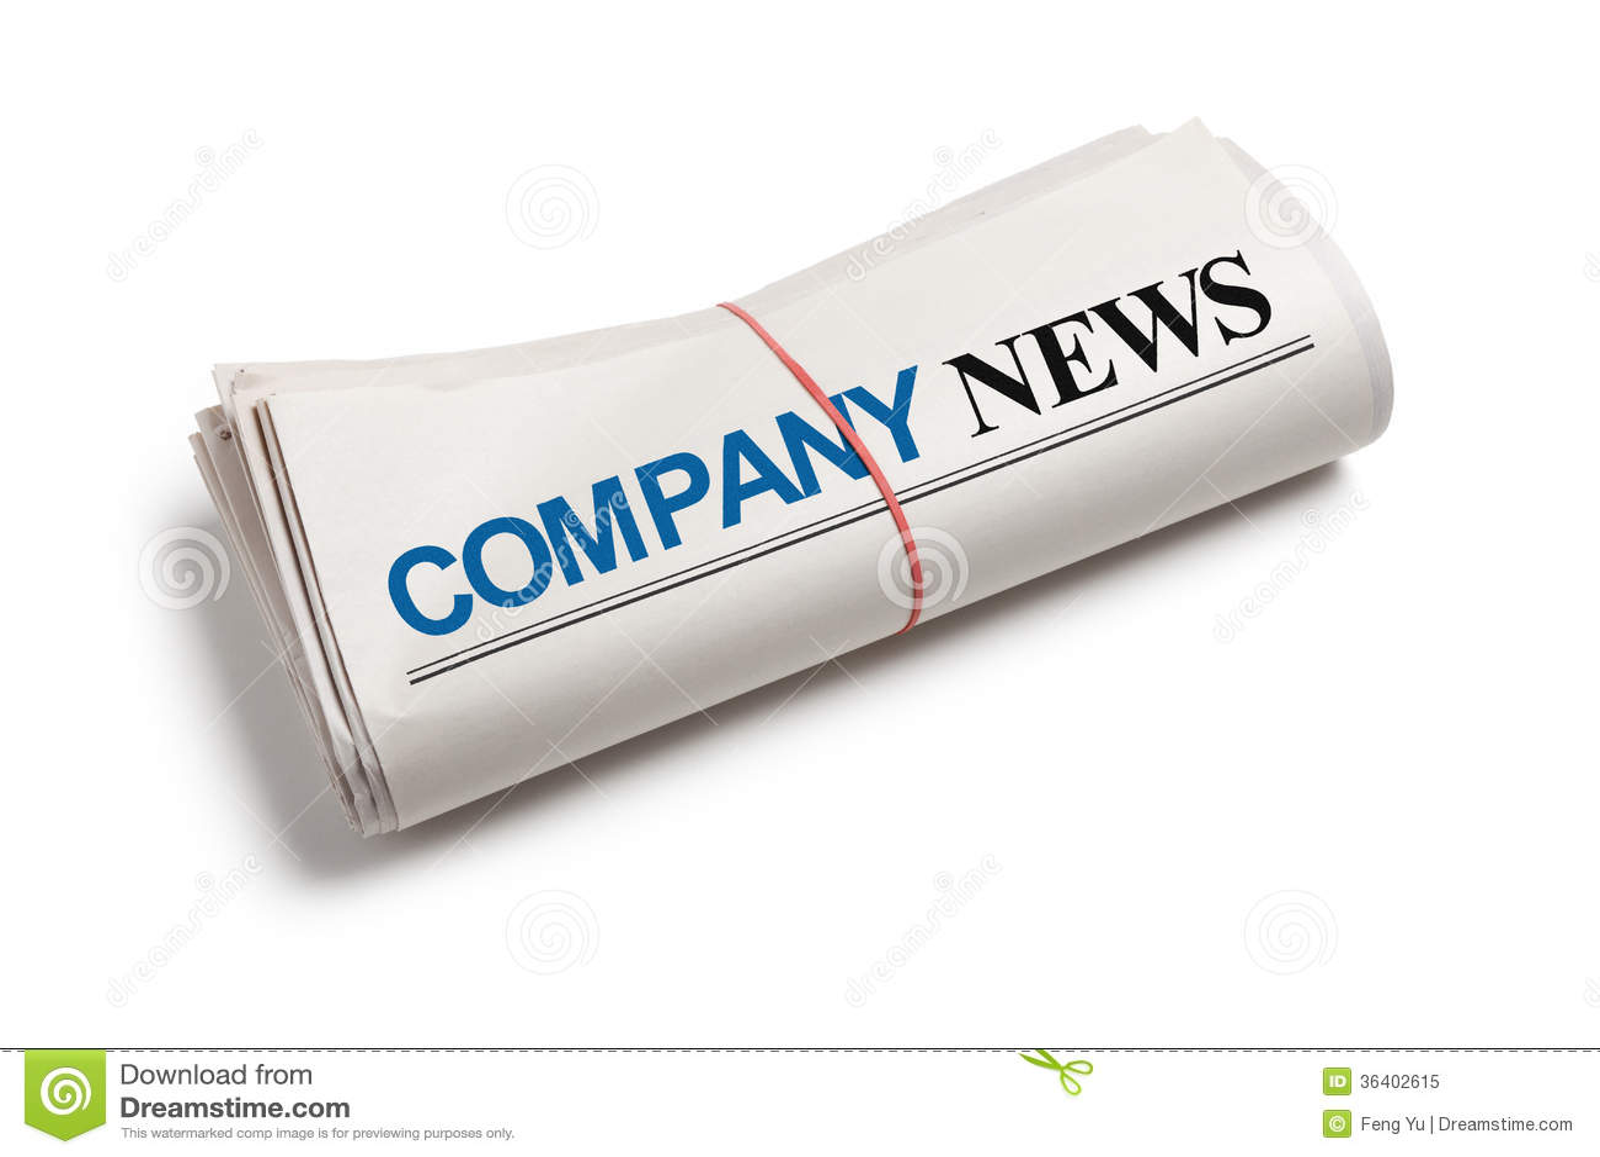 Company News Royalty Free Stock Photo - Image: 36402615